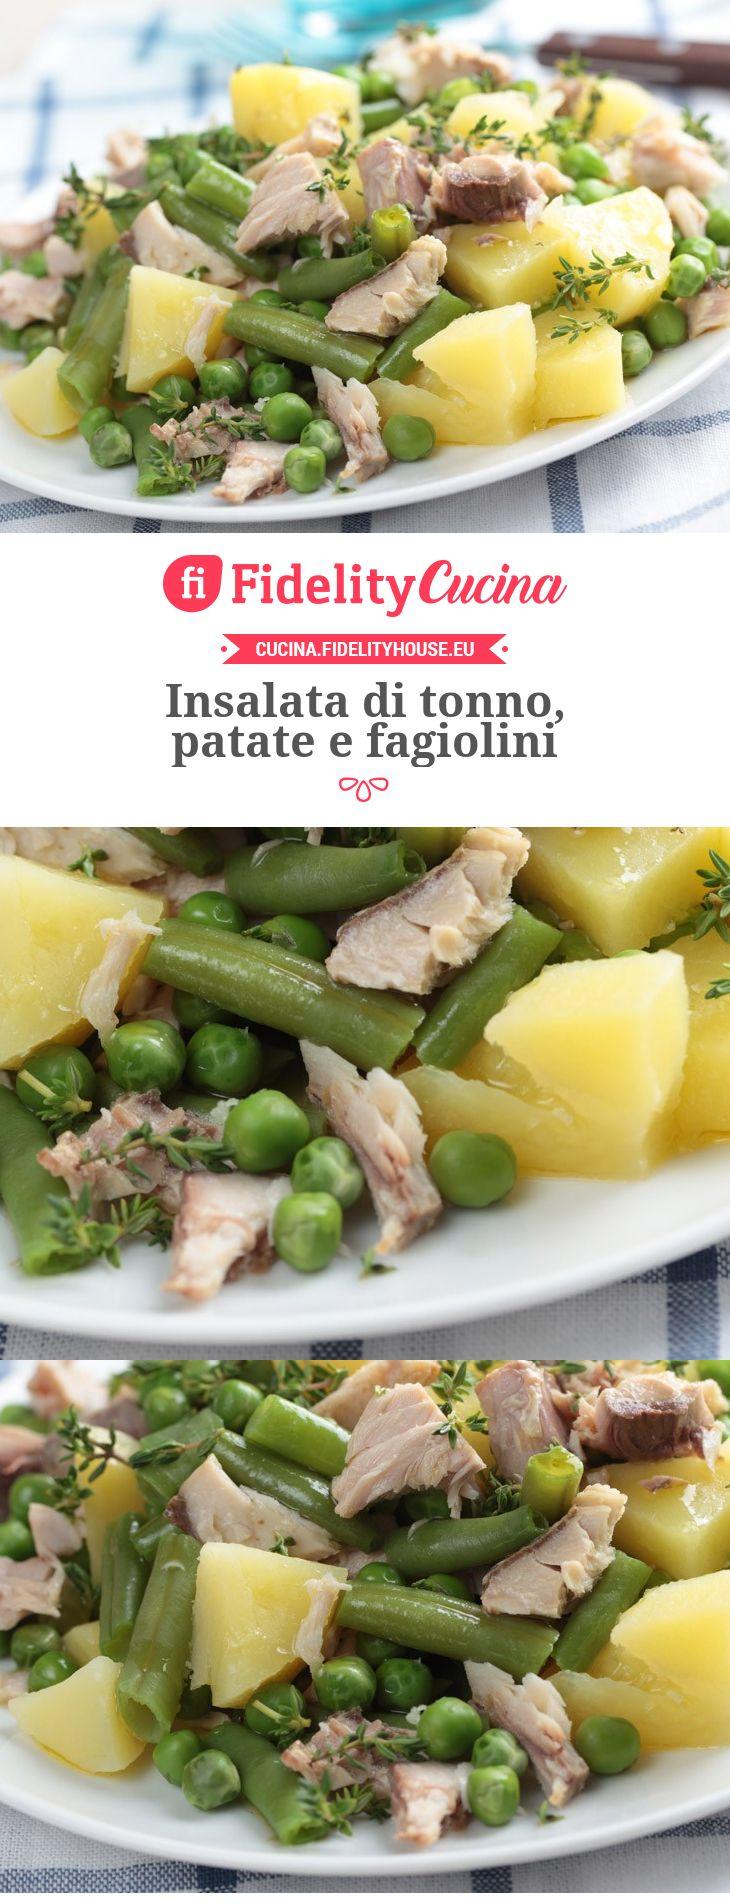 Insalata di tonno, patate e fagiolini